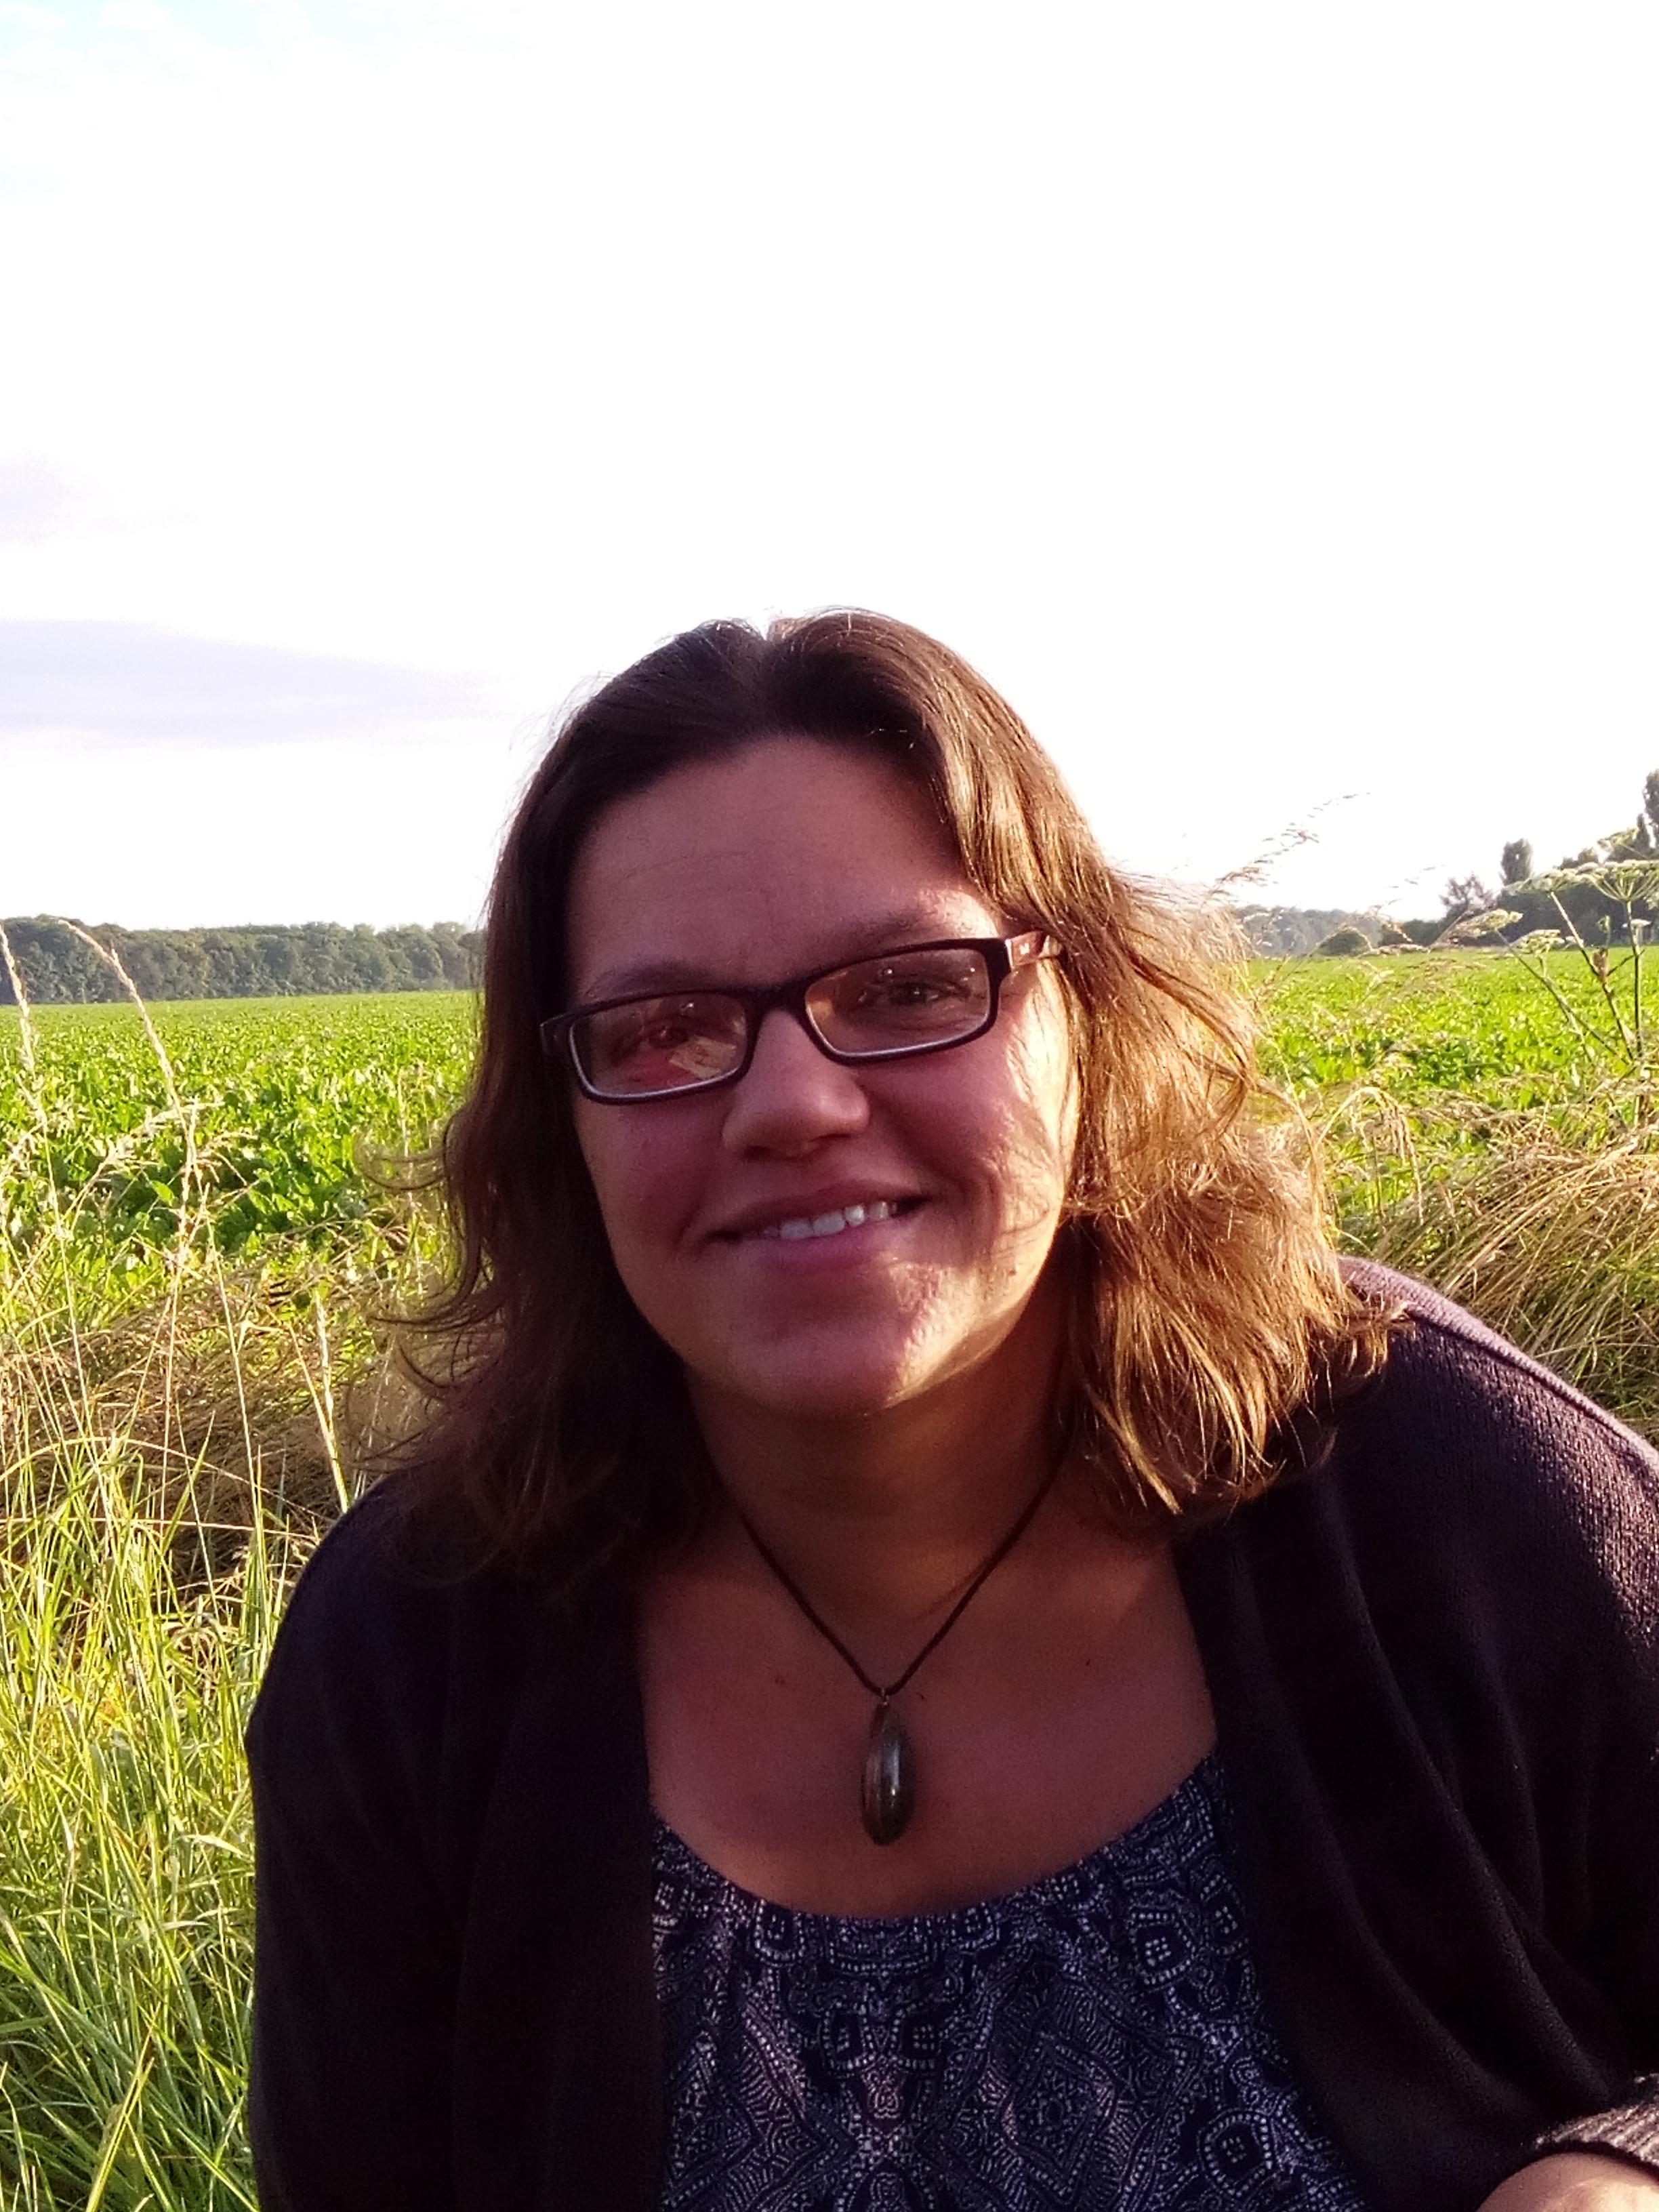 Anna Ferragut, Praticienne en Psychopédagogie Positive à Brie Comte Robert